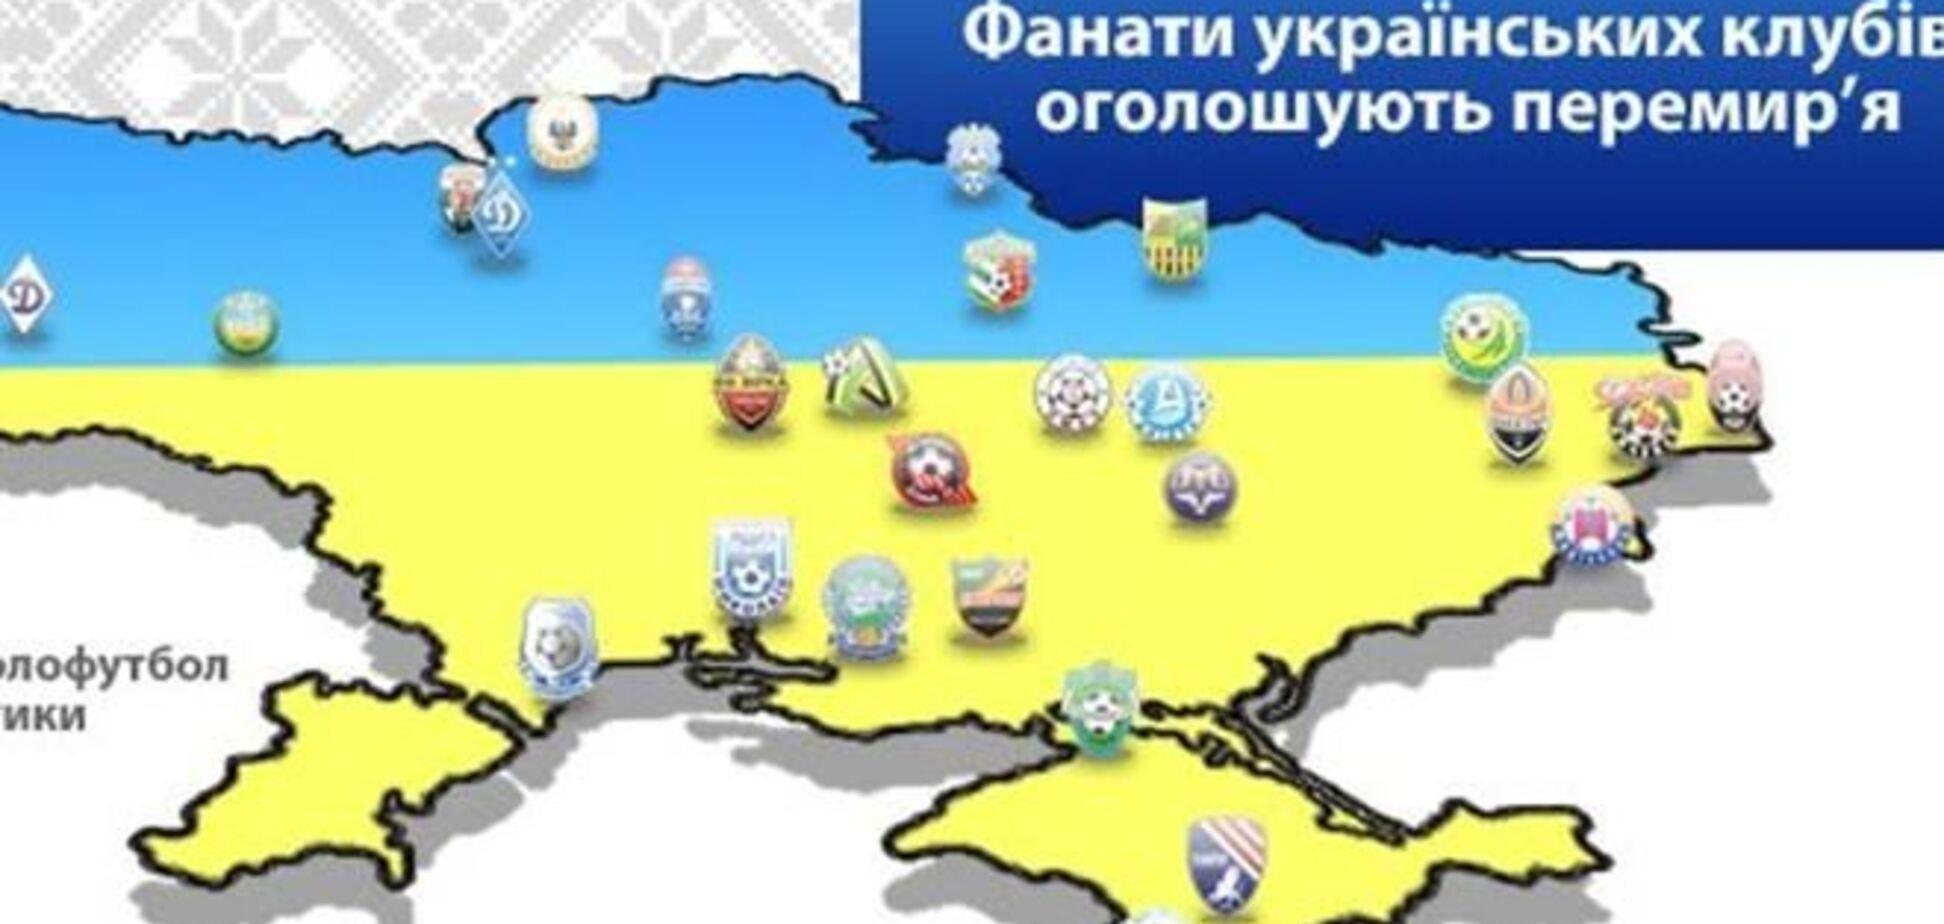 Украинские ультрас объявили перемирие из-за ситуации в стране